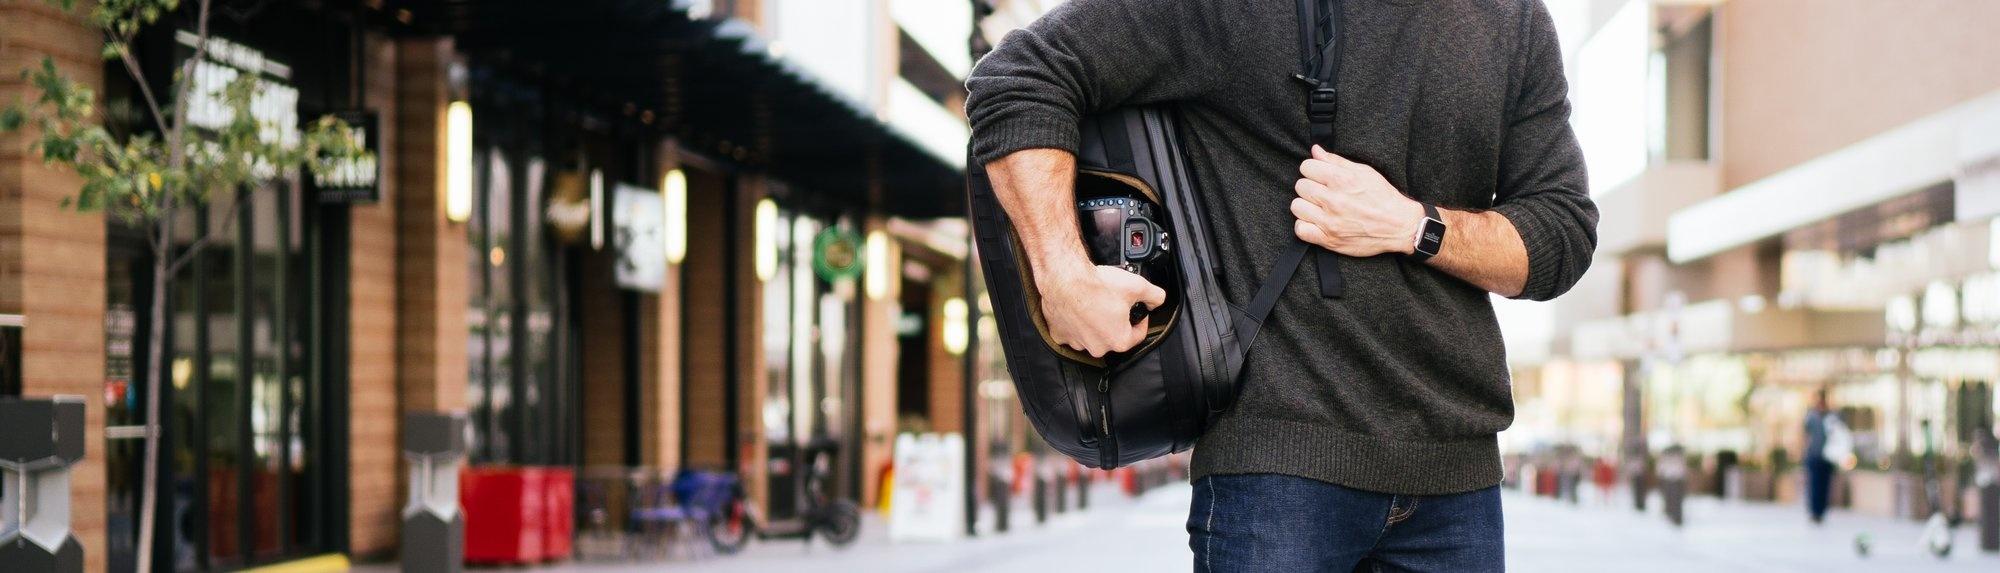 NOMATIC Camera Pack mit Seitentasche für direkten Zugriff auf die Kamera